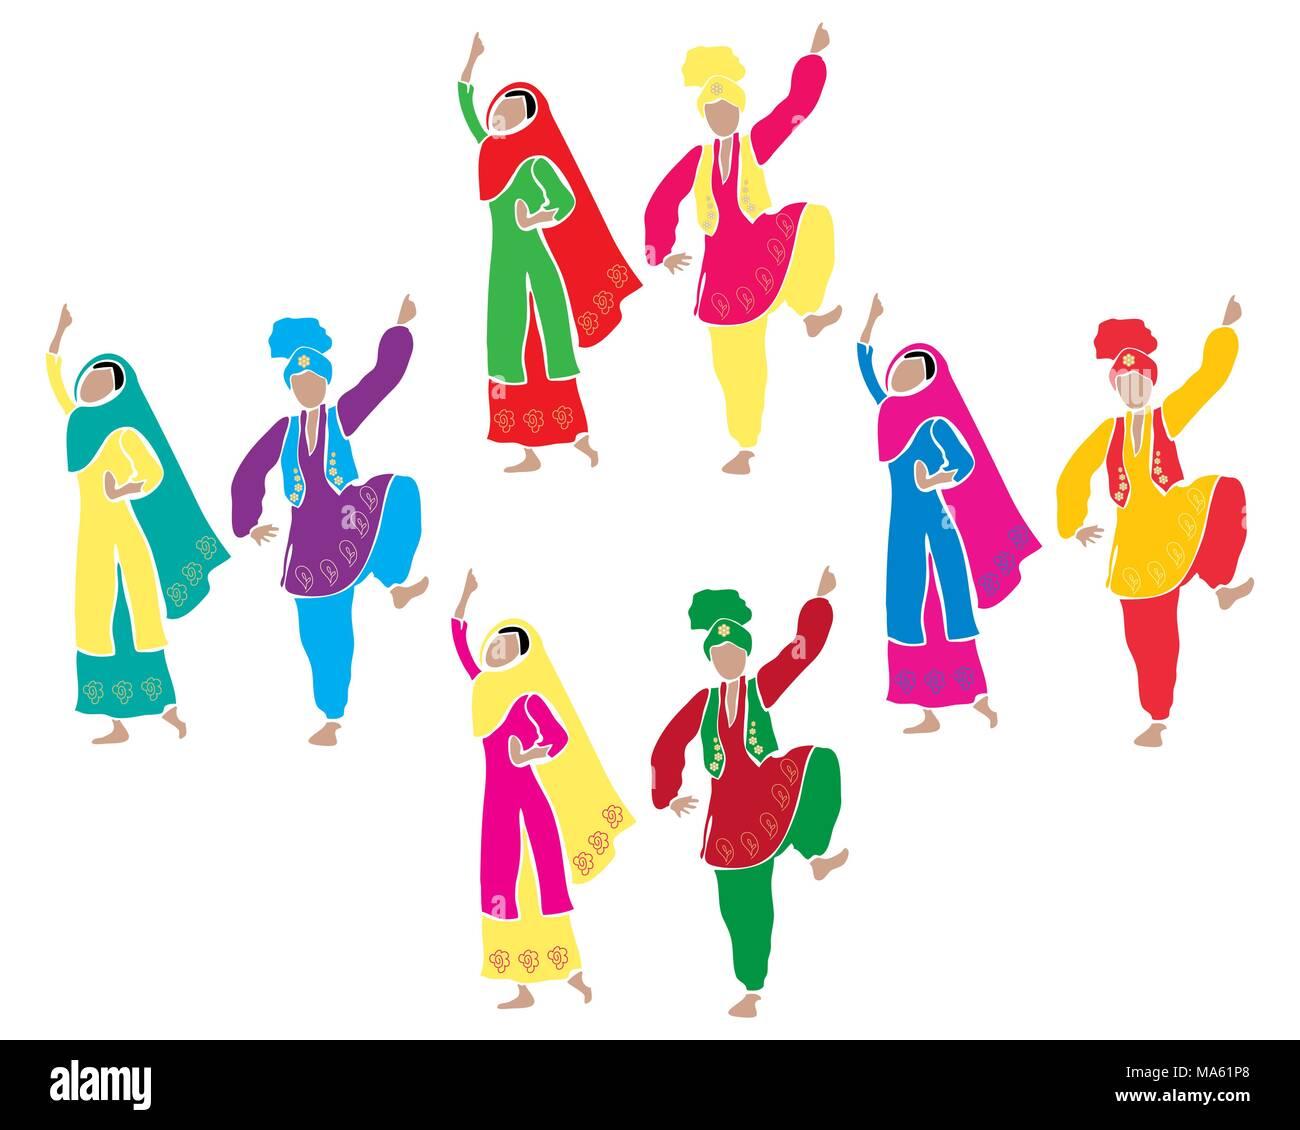 Una illustrazione vettoriale in formato eps della tradizionale Punjabi bhangra dancing con quattro coppie vestito in abiti colorati su sfondo bianco Immagini Stock